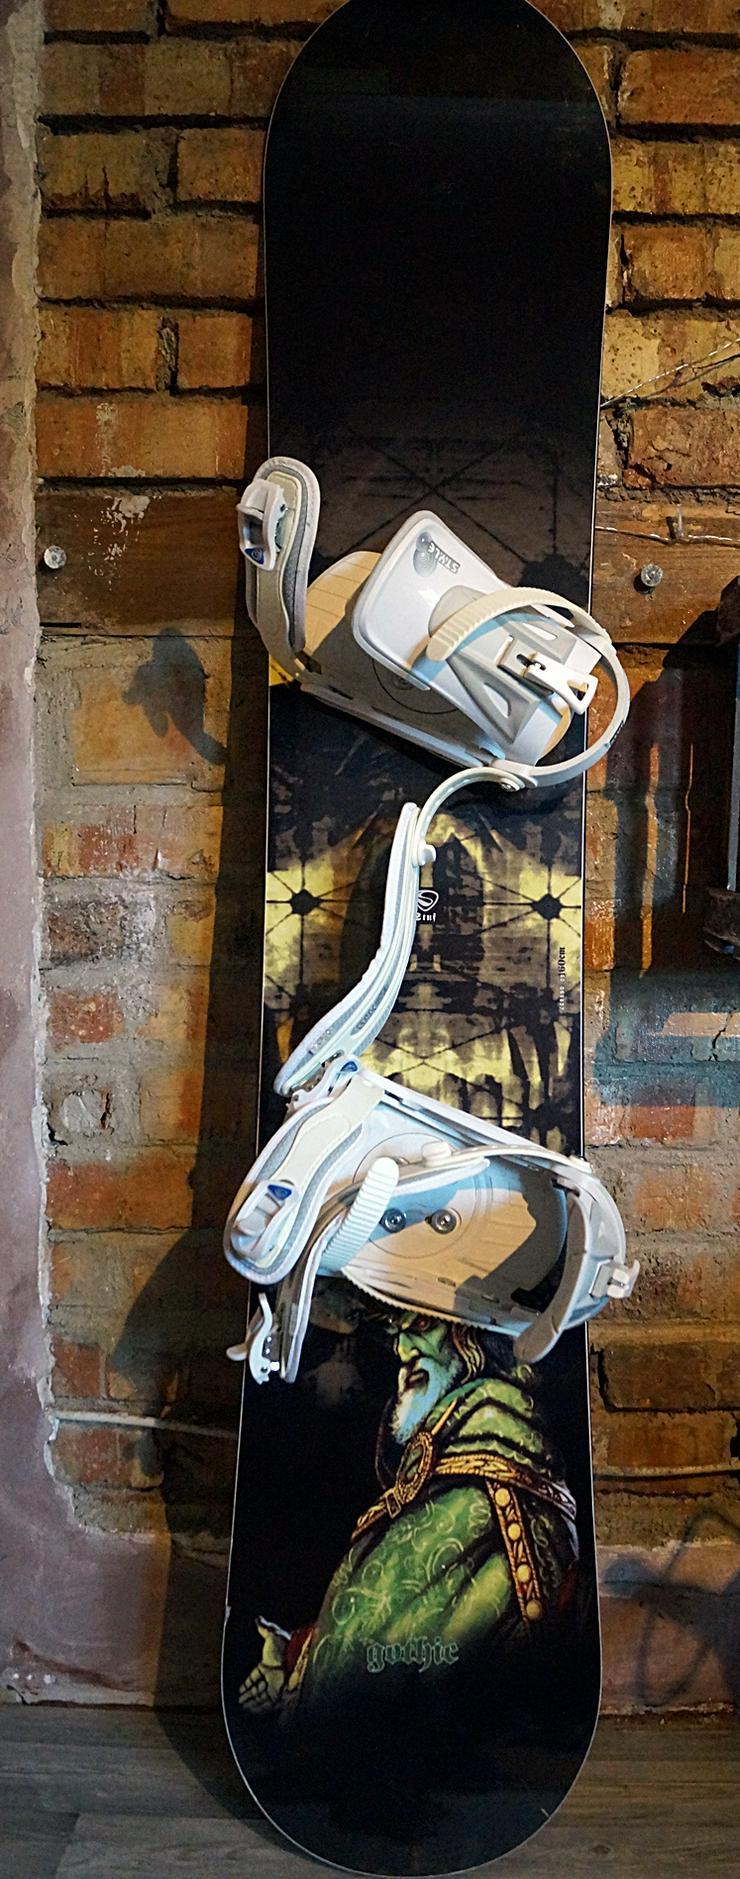 Snowboard mit Bindung und Tasche - Snowboards - Bild 1